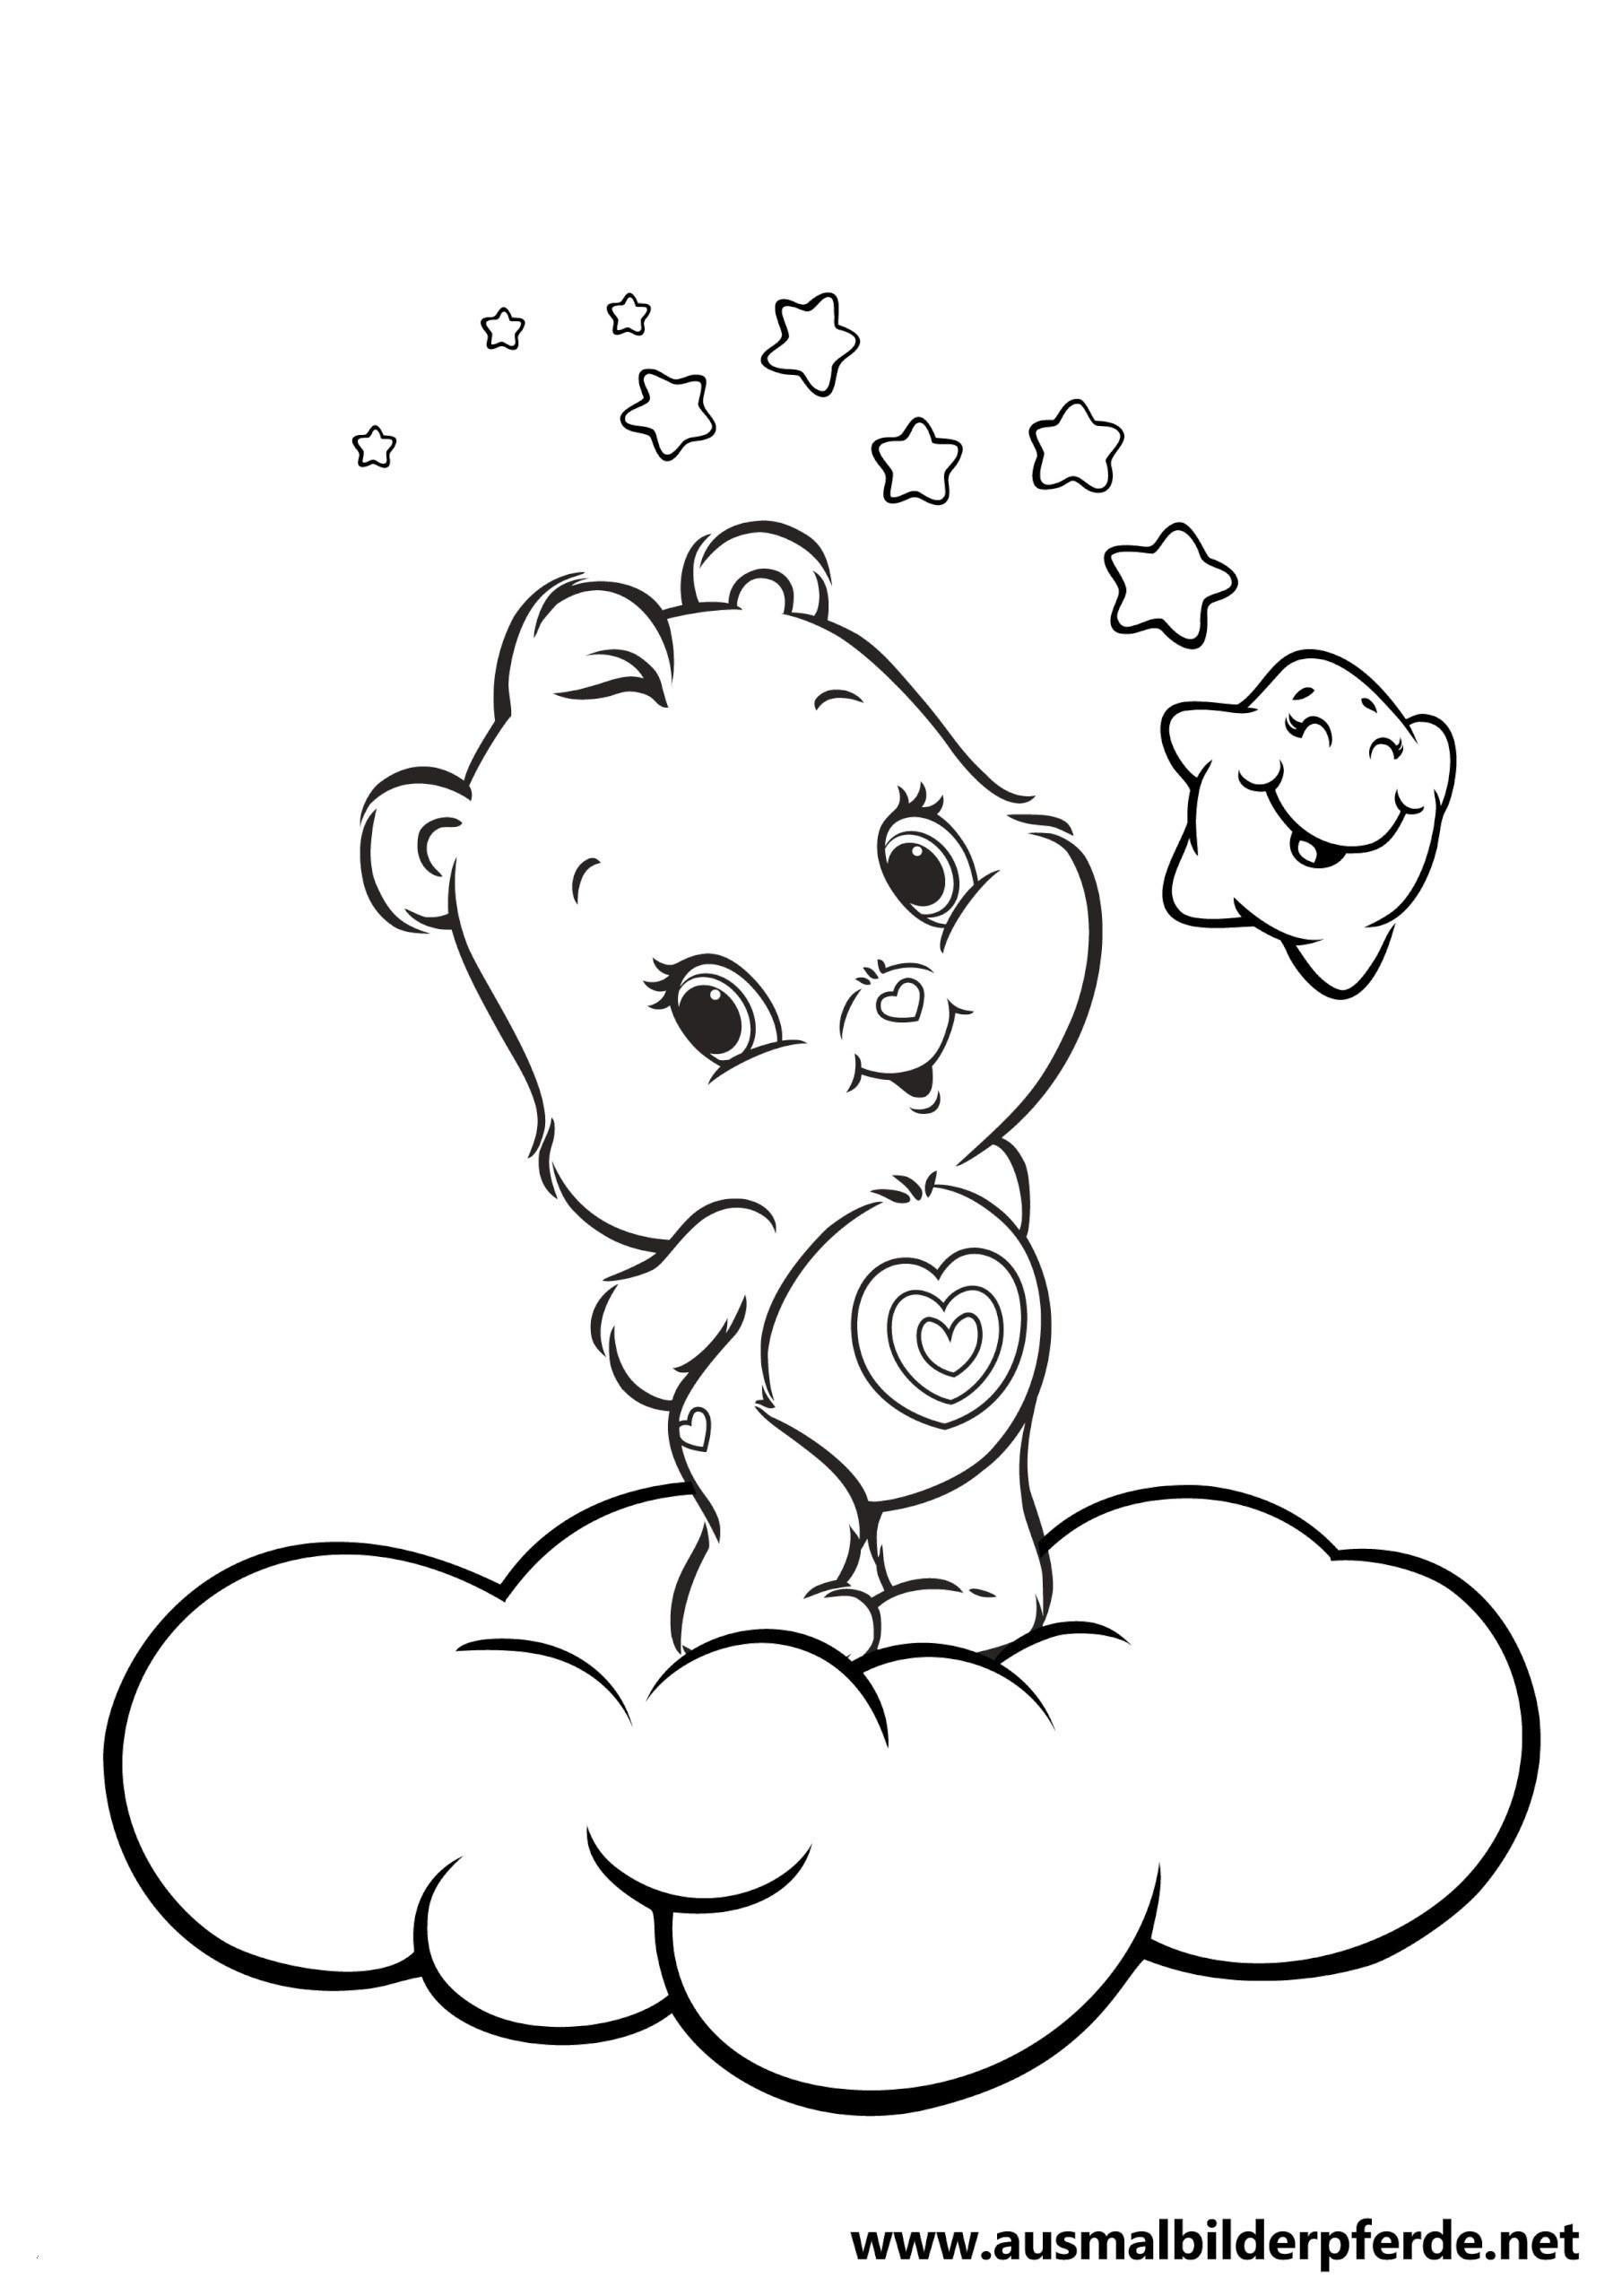 Winnie Pooh Baby Malvorlagen Einzigartig 38 Minnie Mouse Baby Malvorlagen Scoredatscore Genial Ausmalbilder Galerie